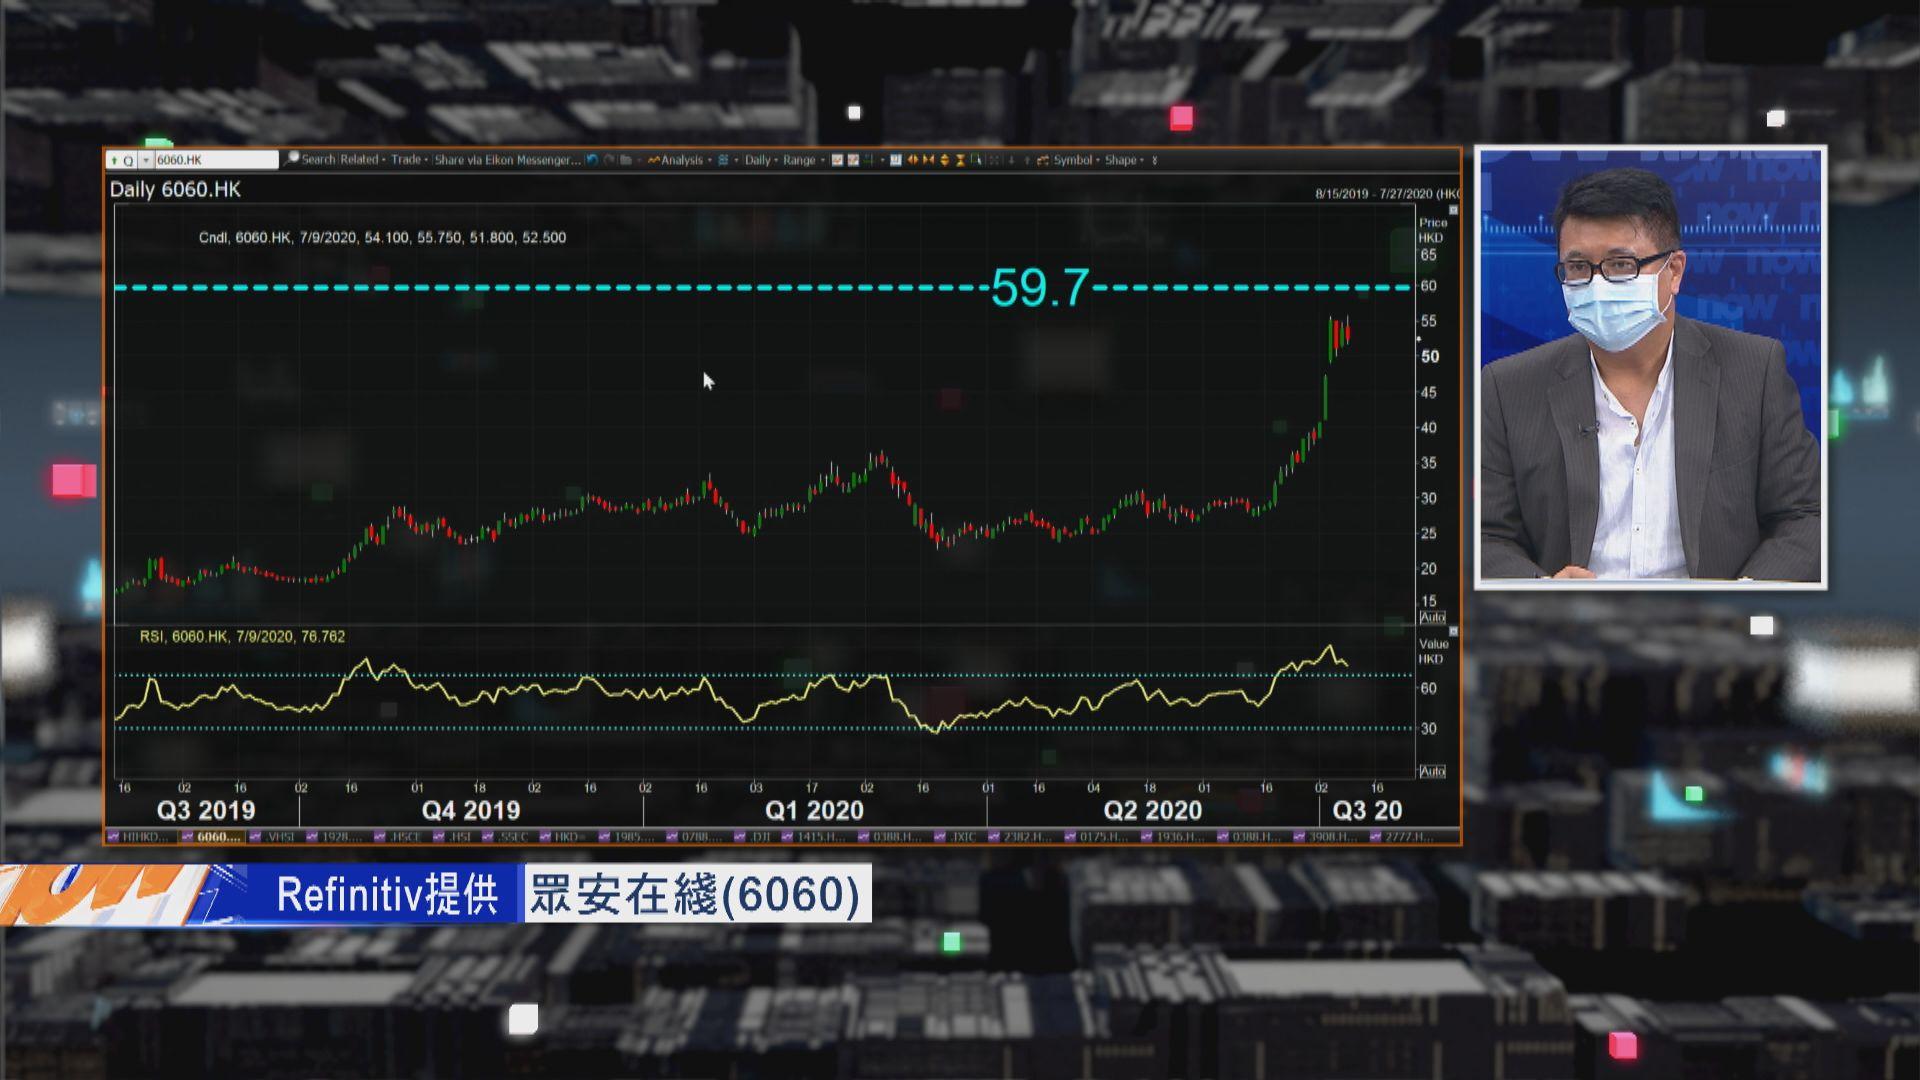 【財經TOP SEARCH】眾安在綫追落後炒幾耐?